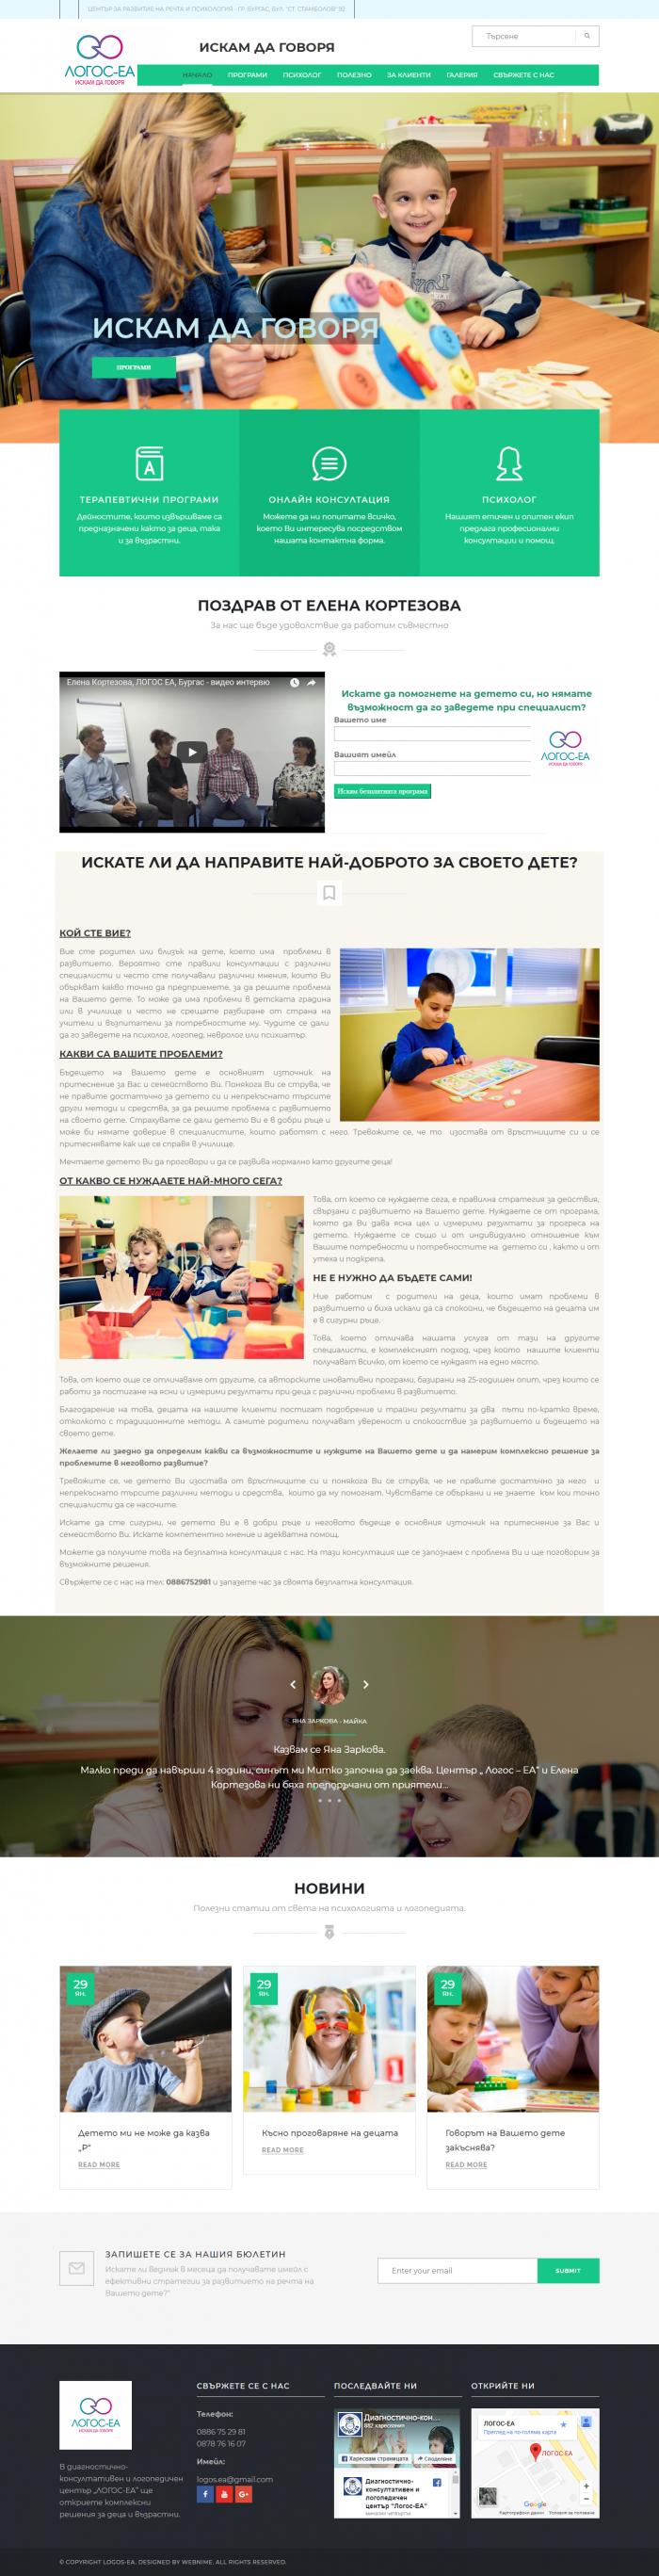 Изработка на сайт за ЛОГОС - ЕА, https://webnime.com/